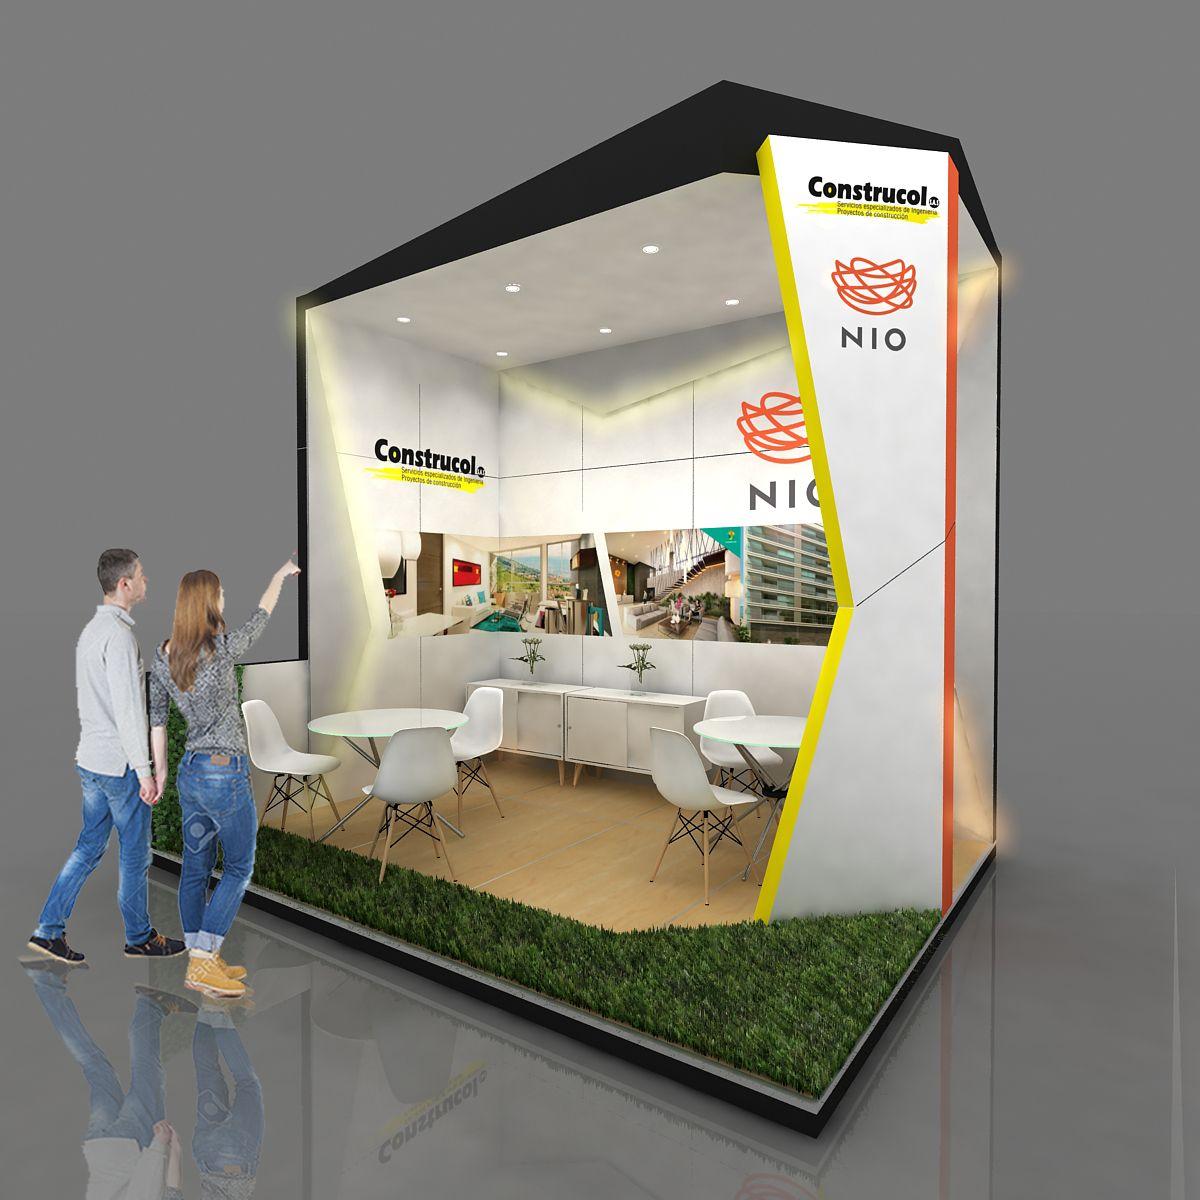 Constructora nio expoinmobiliaria 2016 exhibitions for Constructora